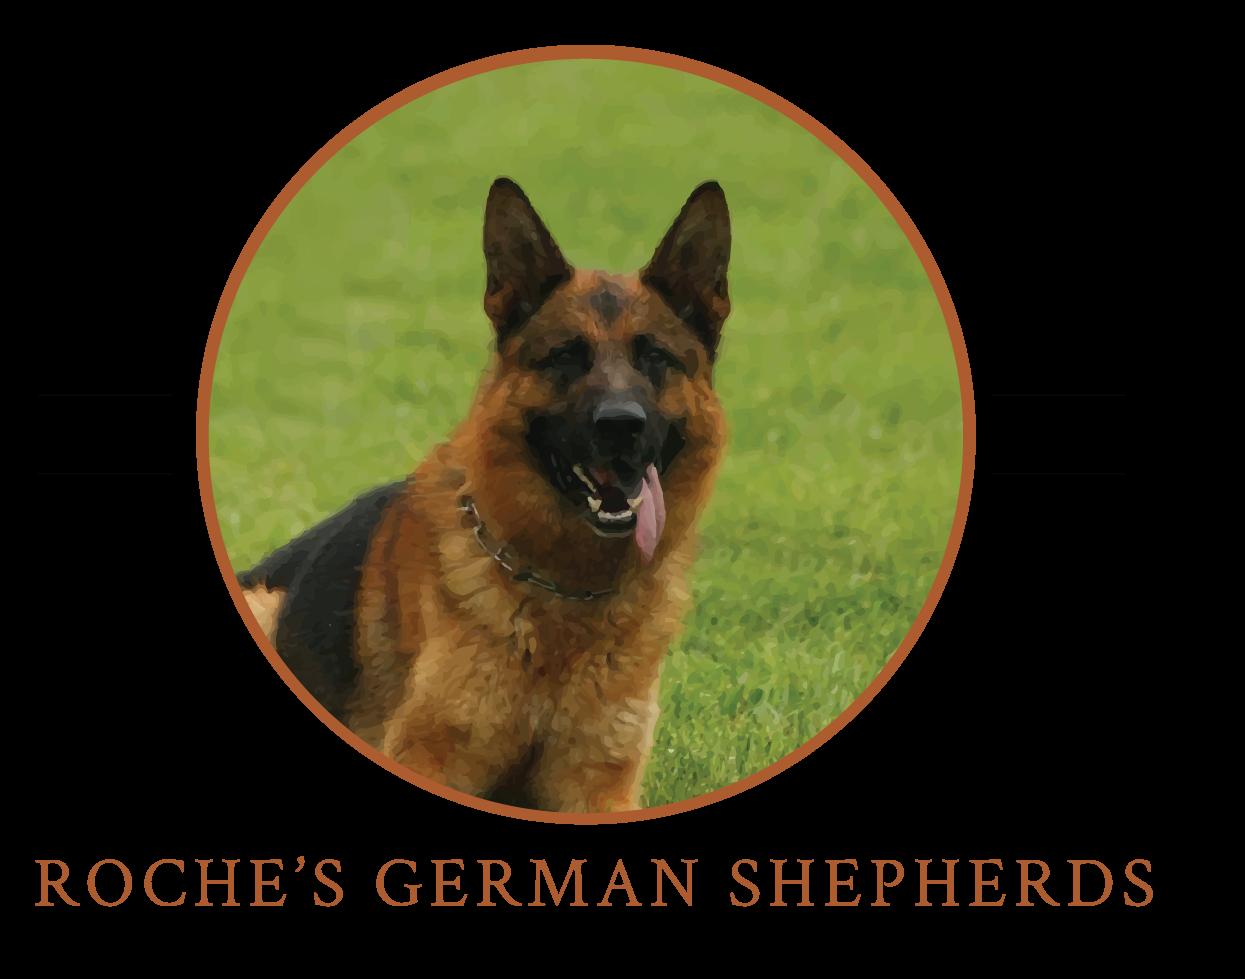 Roche's German Shepherds